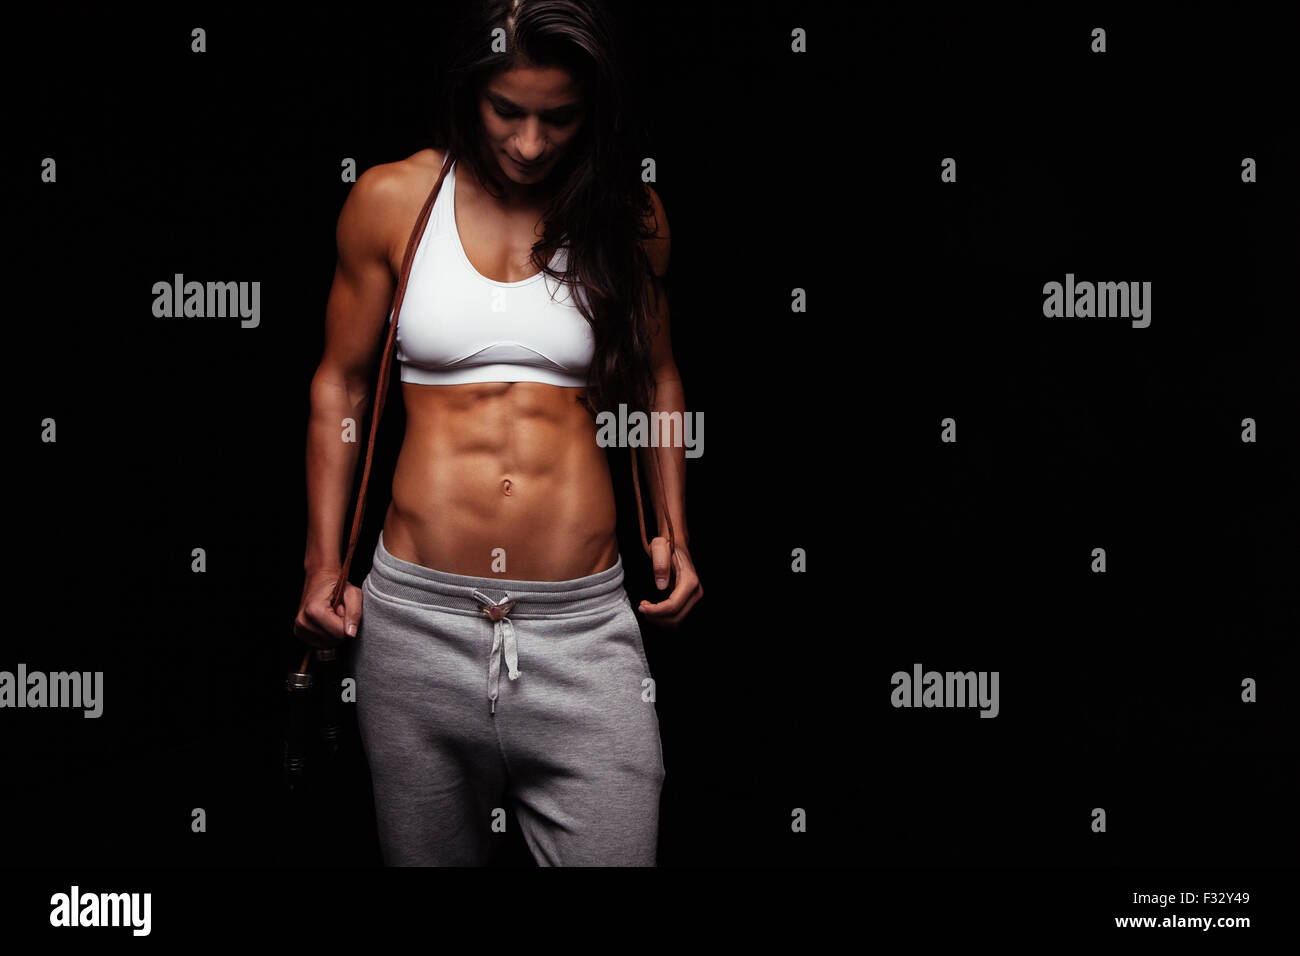 Ritratto di muscolare di giovane donna con un salto con la corda. Bodybuilder femminile con corda da salto guardando Immagini Stock